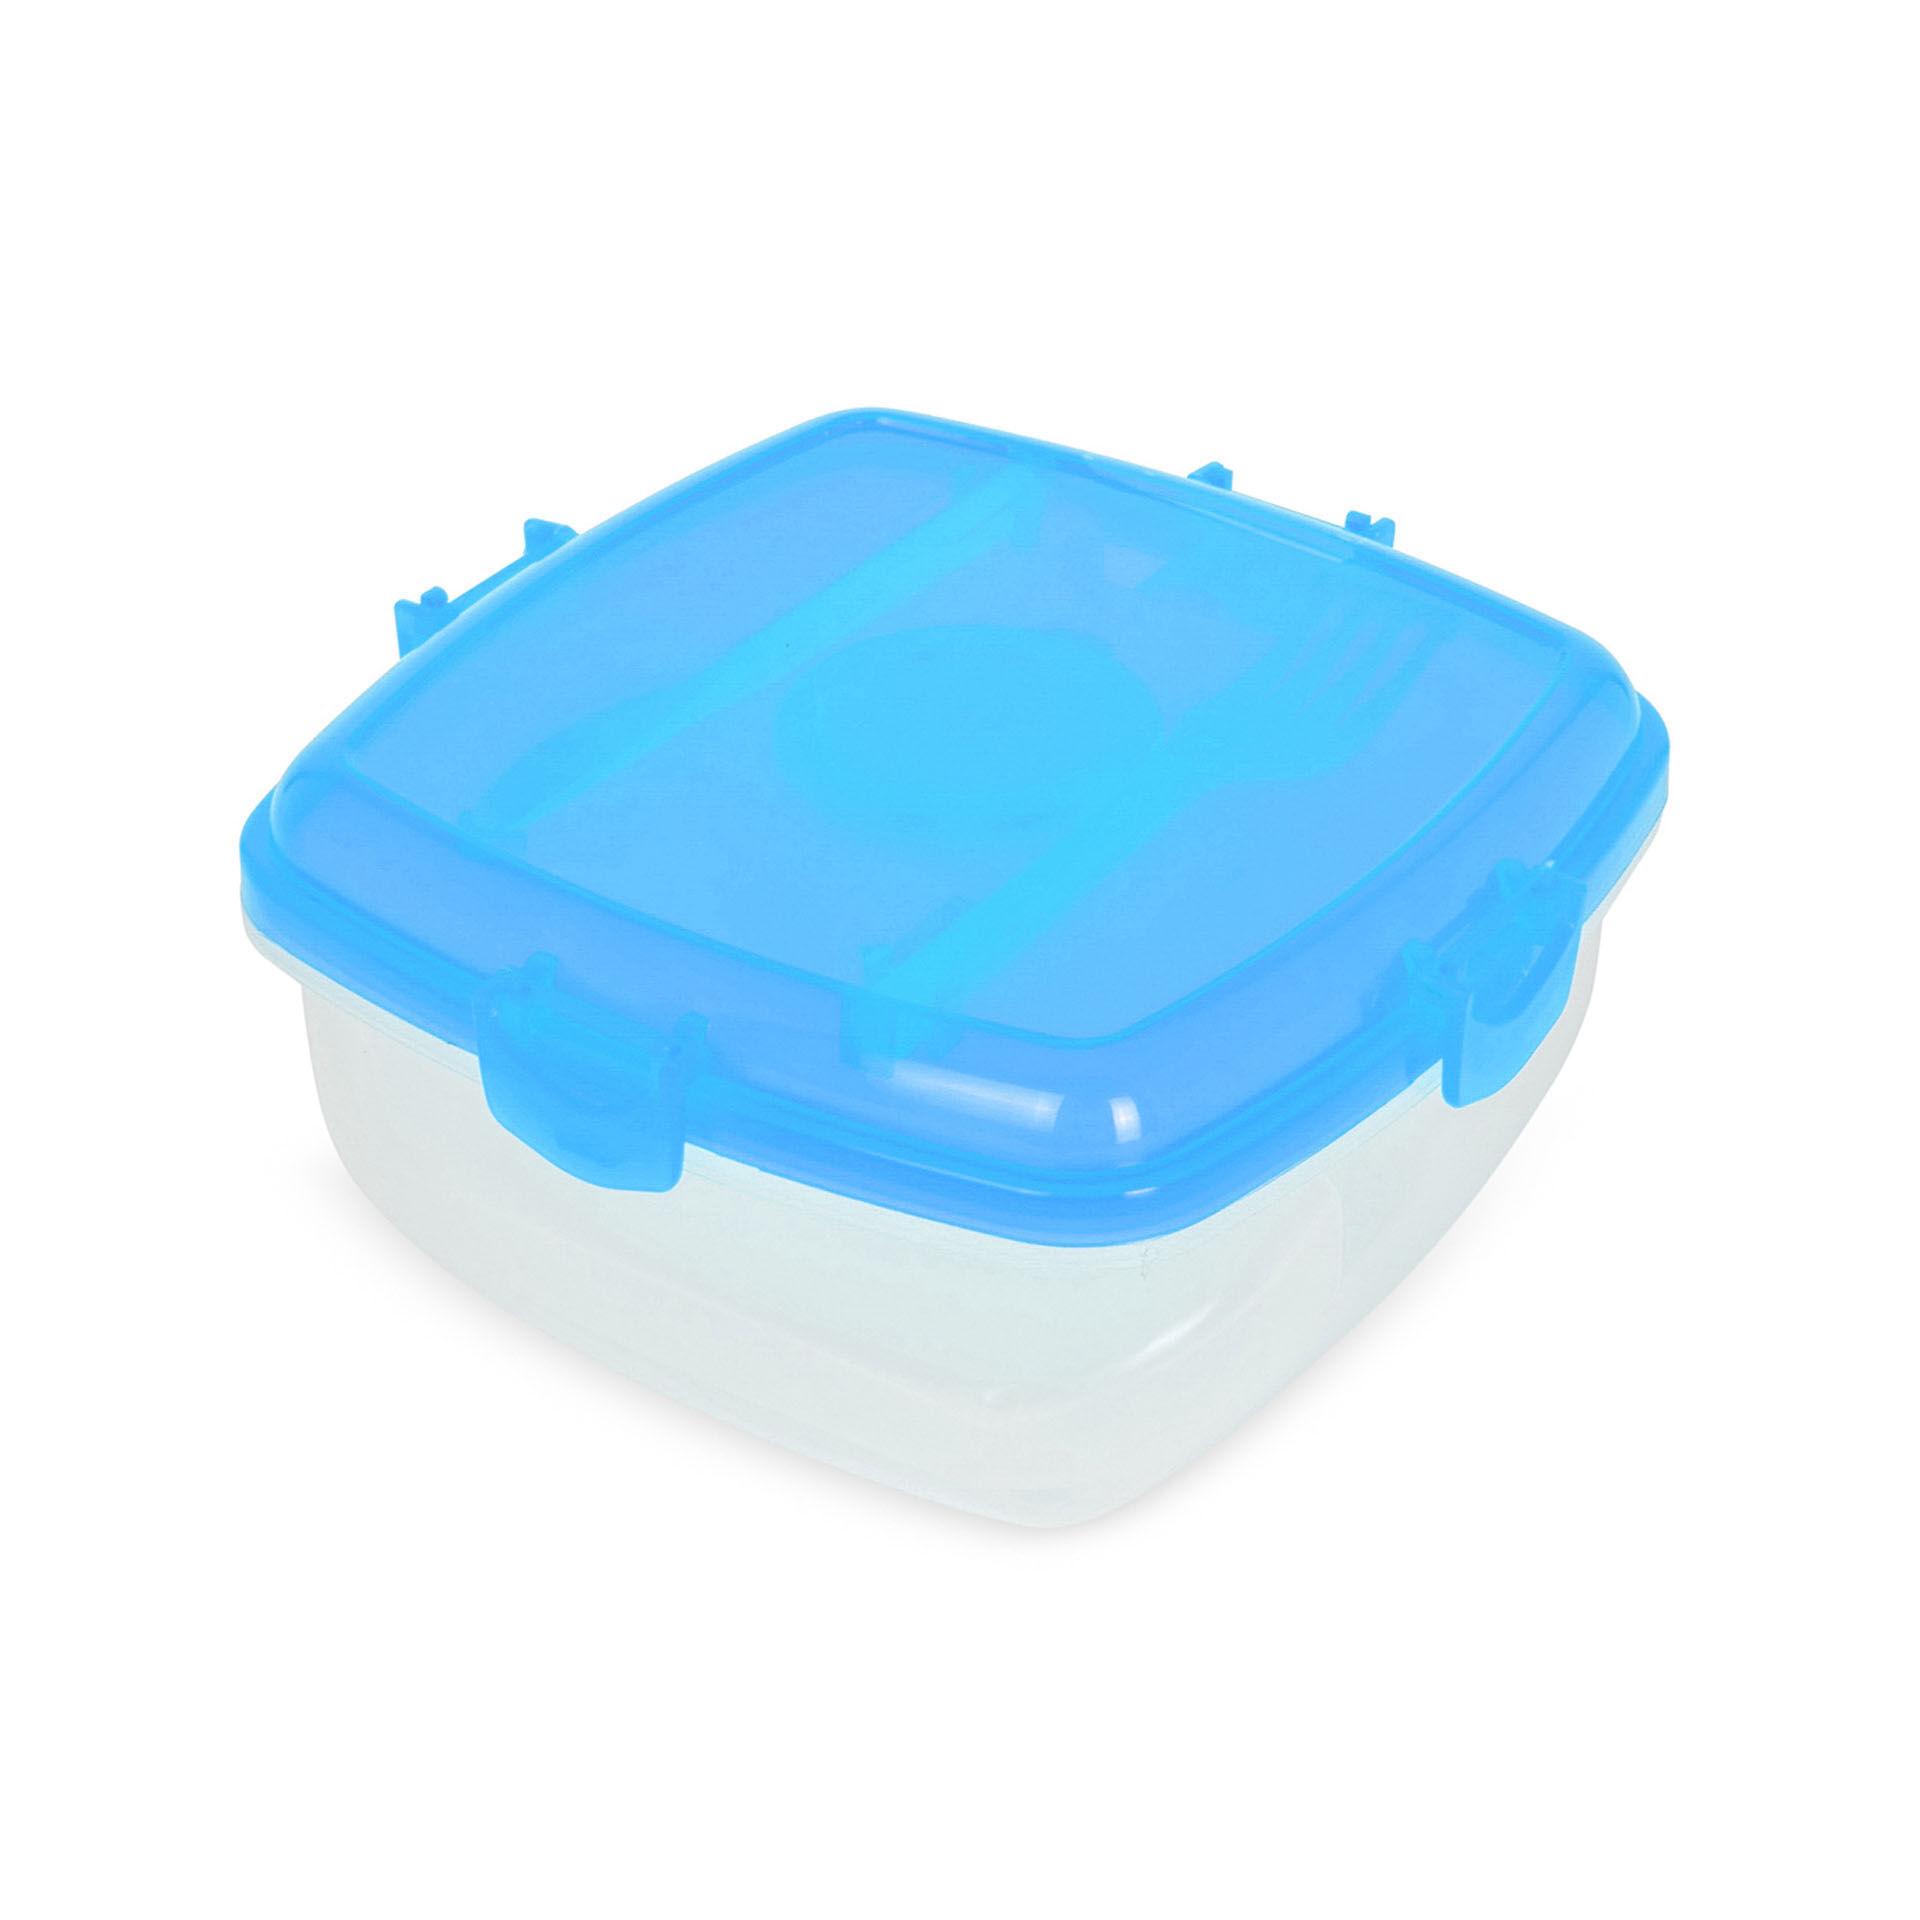 Lunch box pour micro ondes couleur bleue, bleu ciel, large